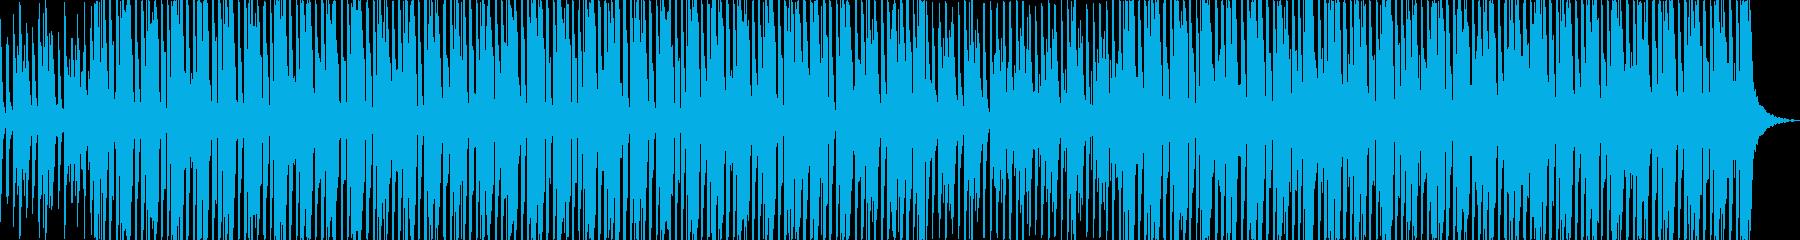 イージーリスニング 感情的 楽しげ...の再生済みの波形